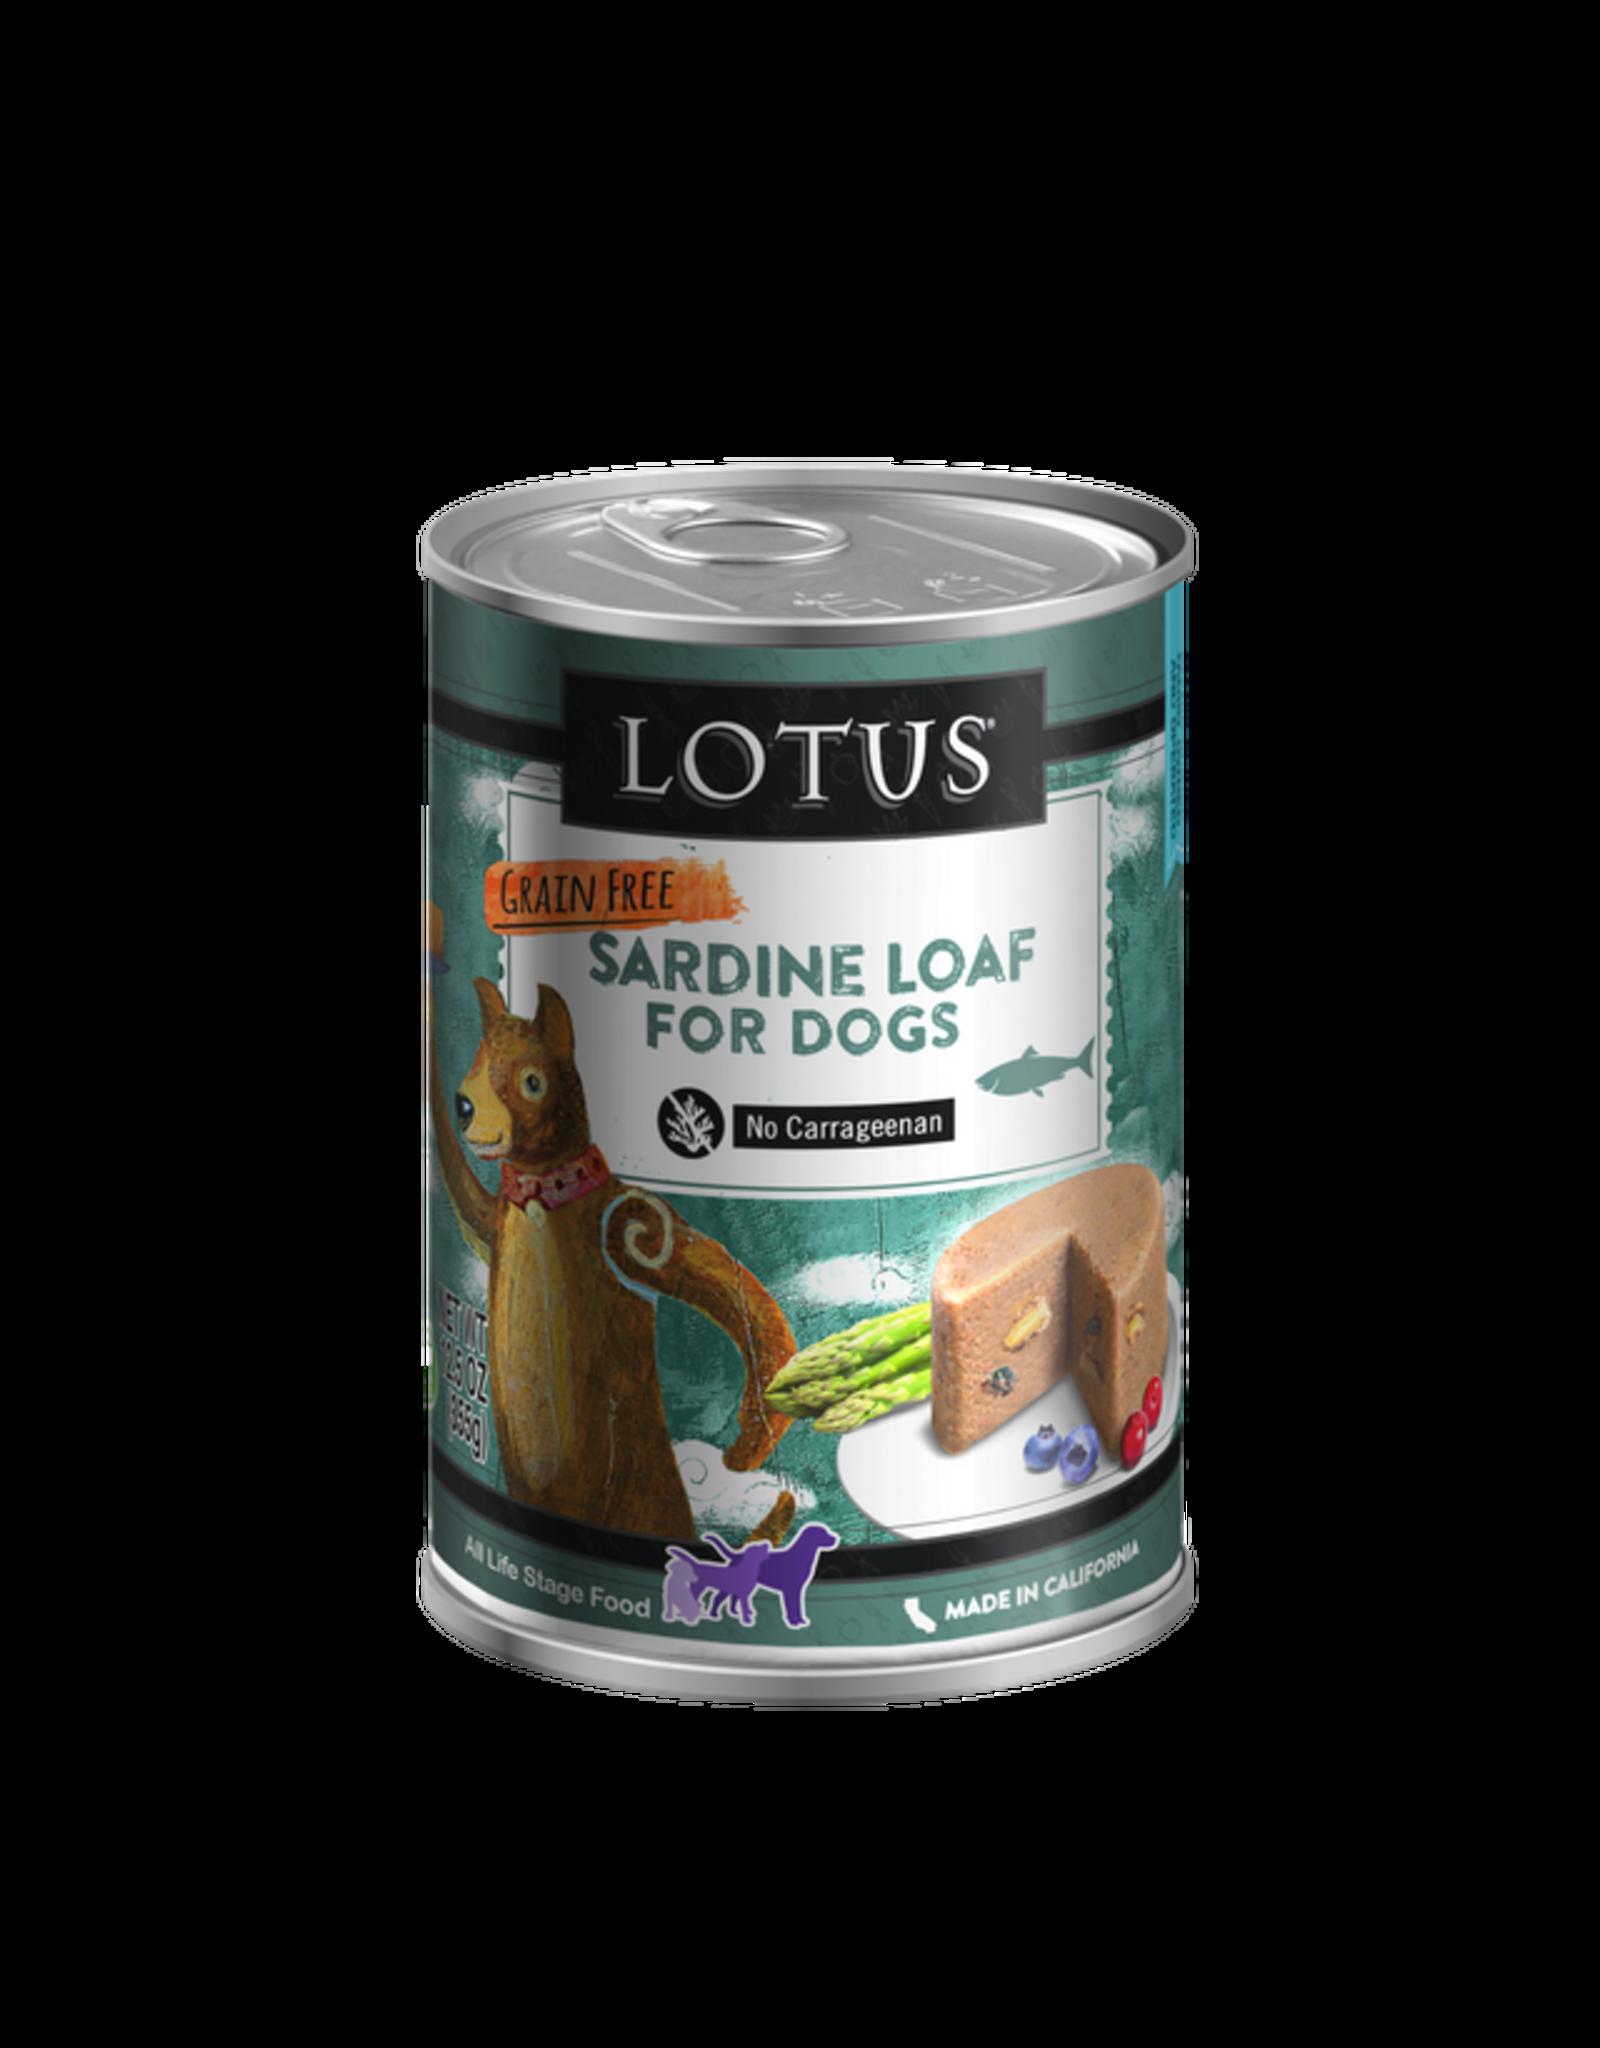 Lotus Pet Food Lotus Dog Sardine Loaf 12.5oz